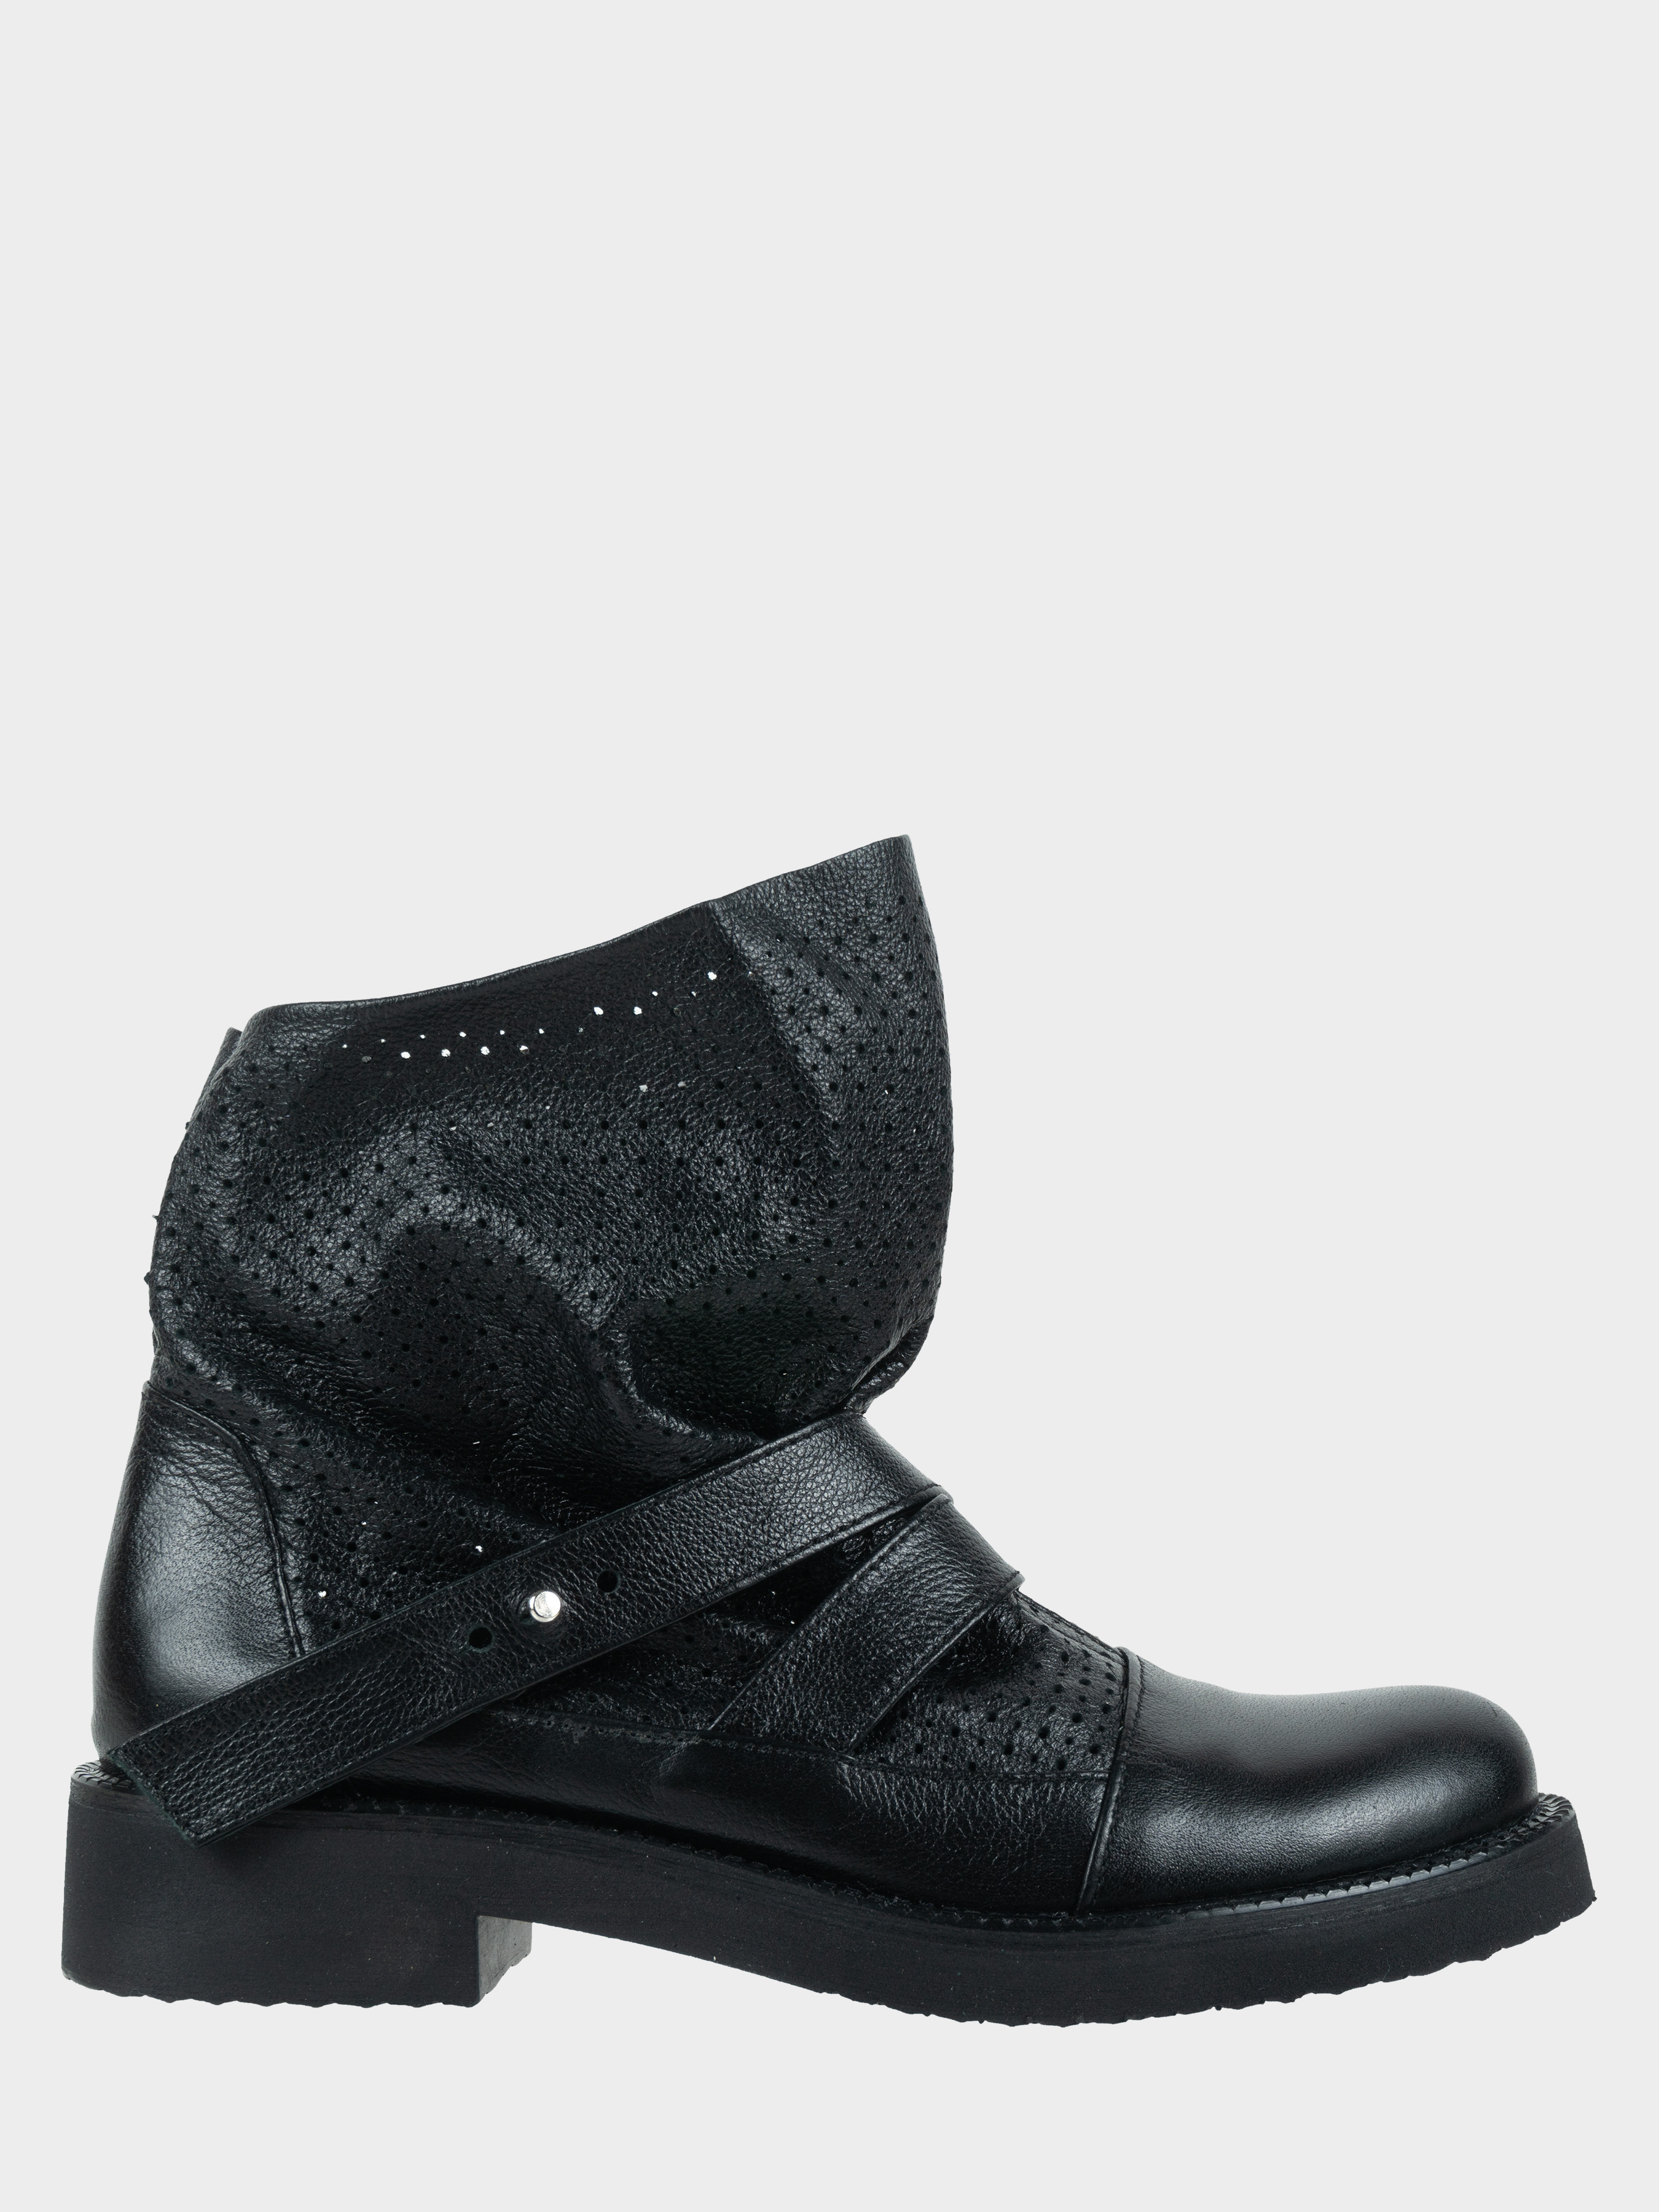 Ботинки женские Ботинки Вера кожаные черного цвета 100057 смотреть, 2017